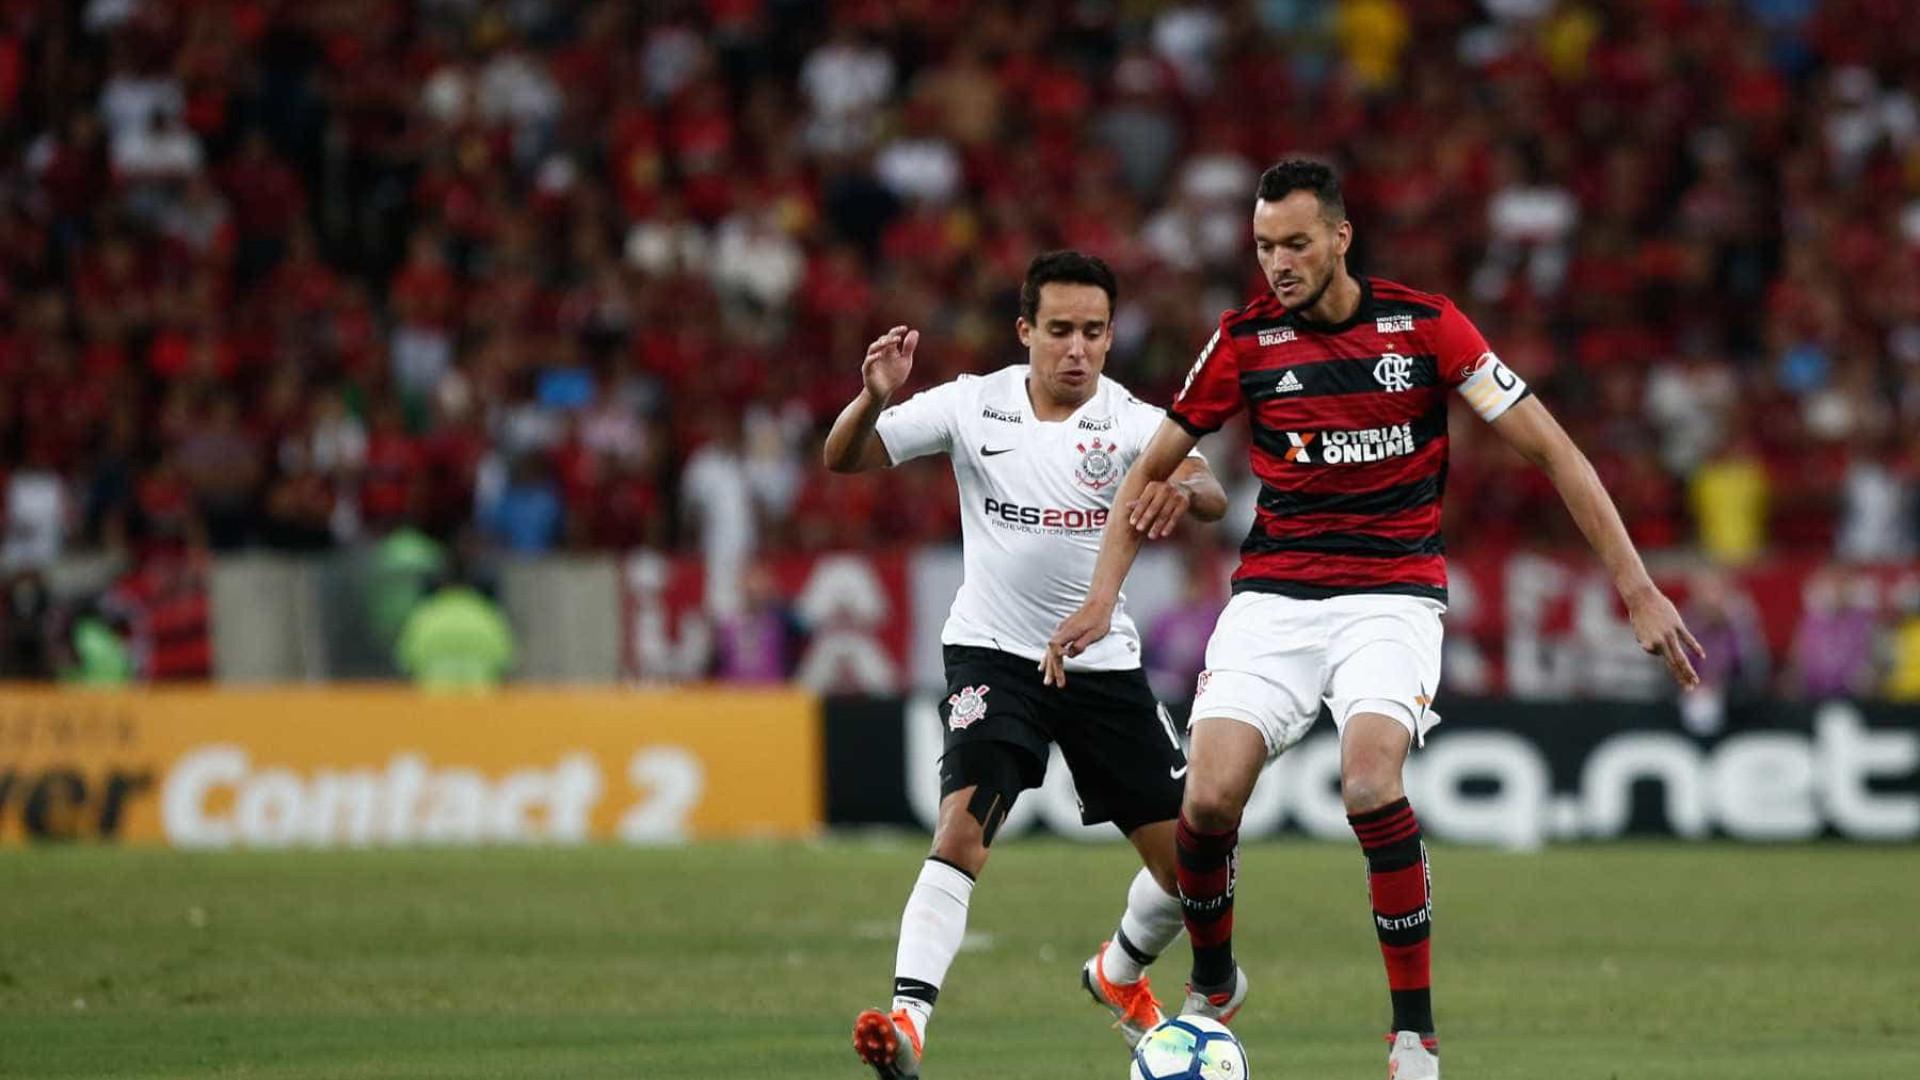 Jogadores do Flamengo lamentam empate no Rio: 'Dever não cumprido'